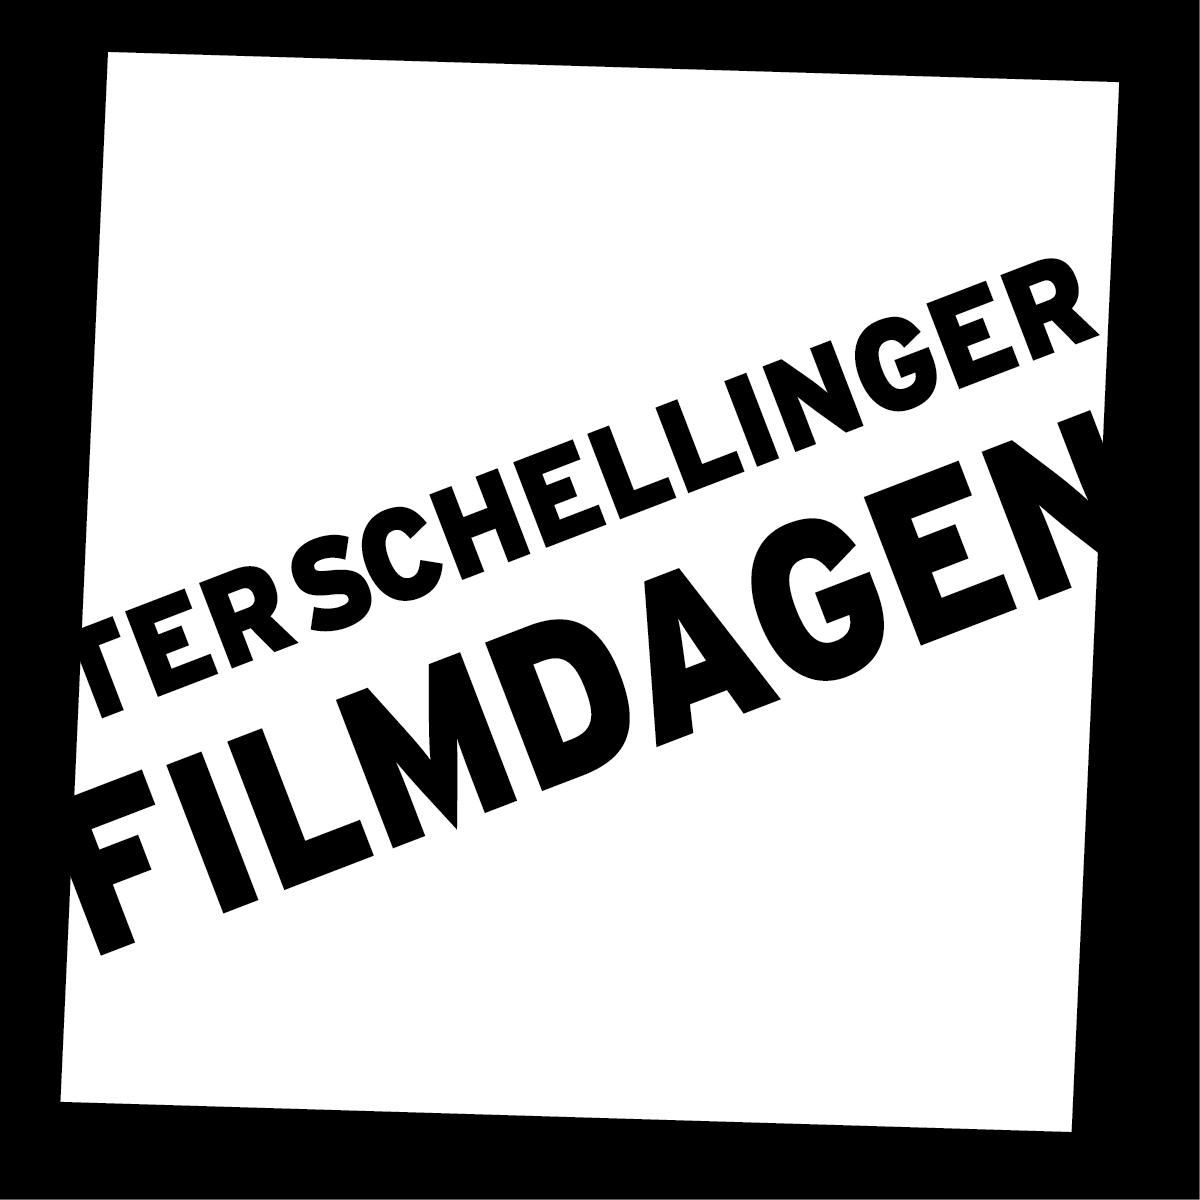 Terschellinger Filmdagen